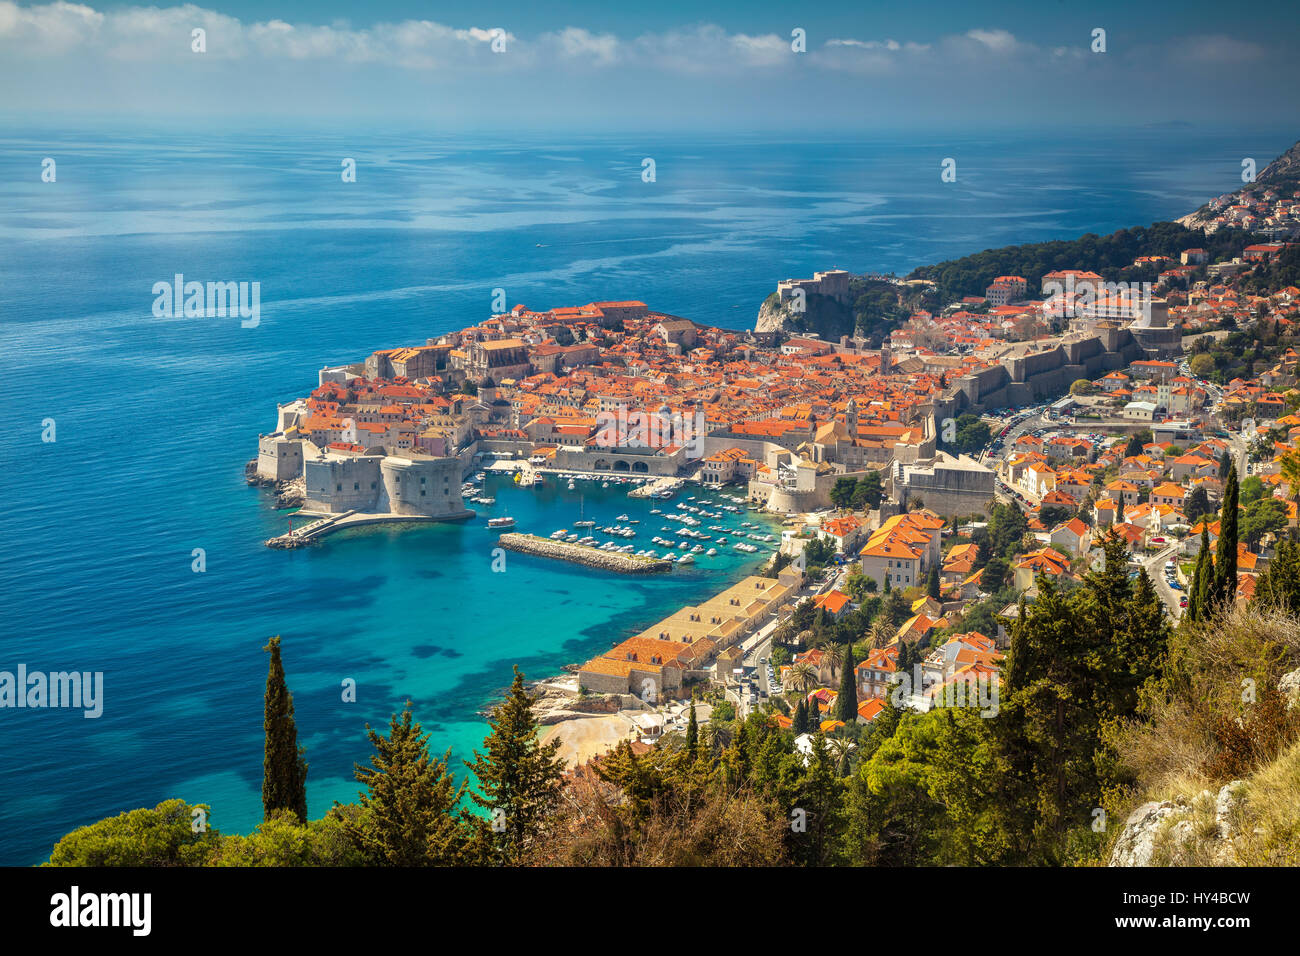 Dubrovnik, Croatie. Belle romantique vieille ville de Dubrovnik pendant les jours ensoleillés, la Croatie, l'Europe. Banque D'Images